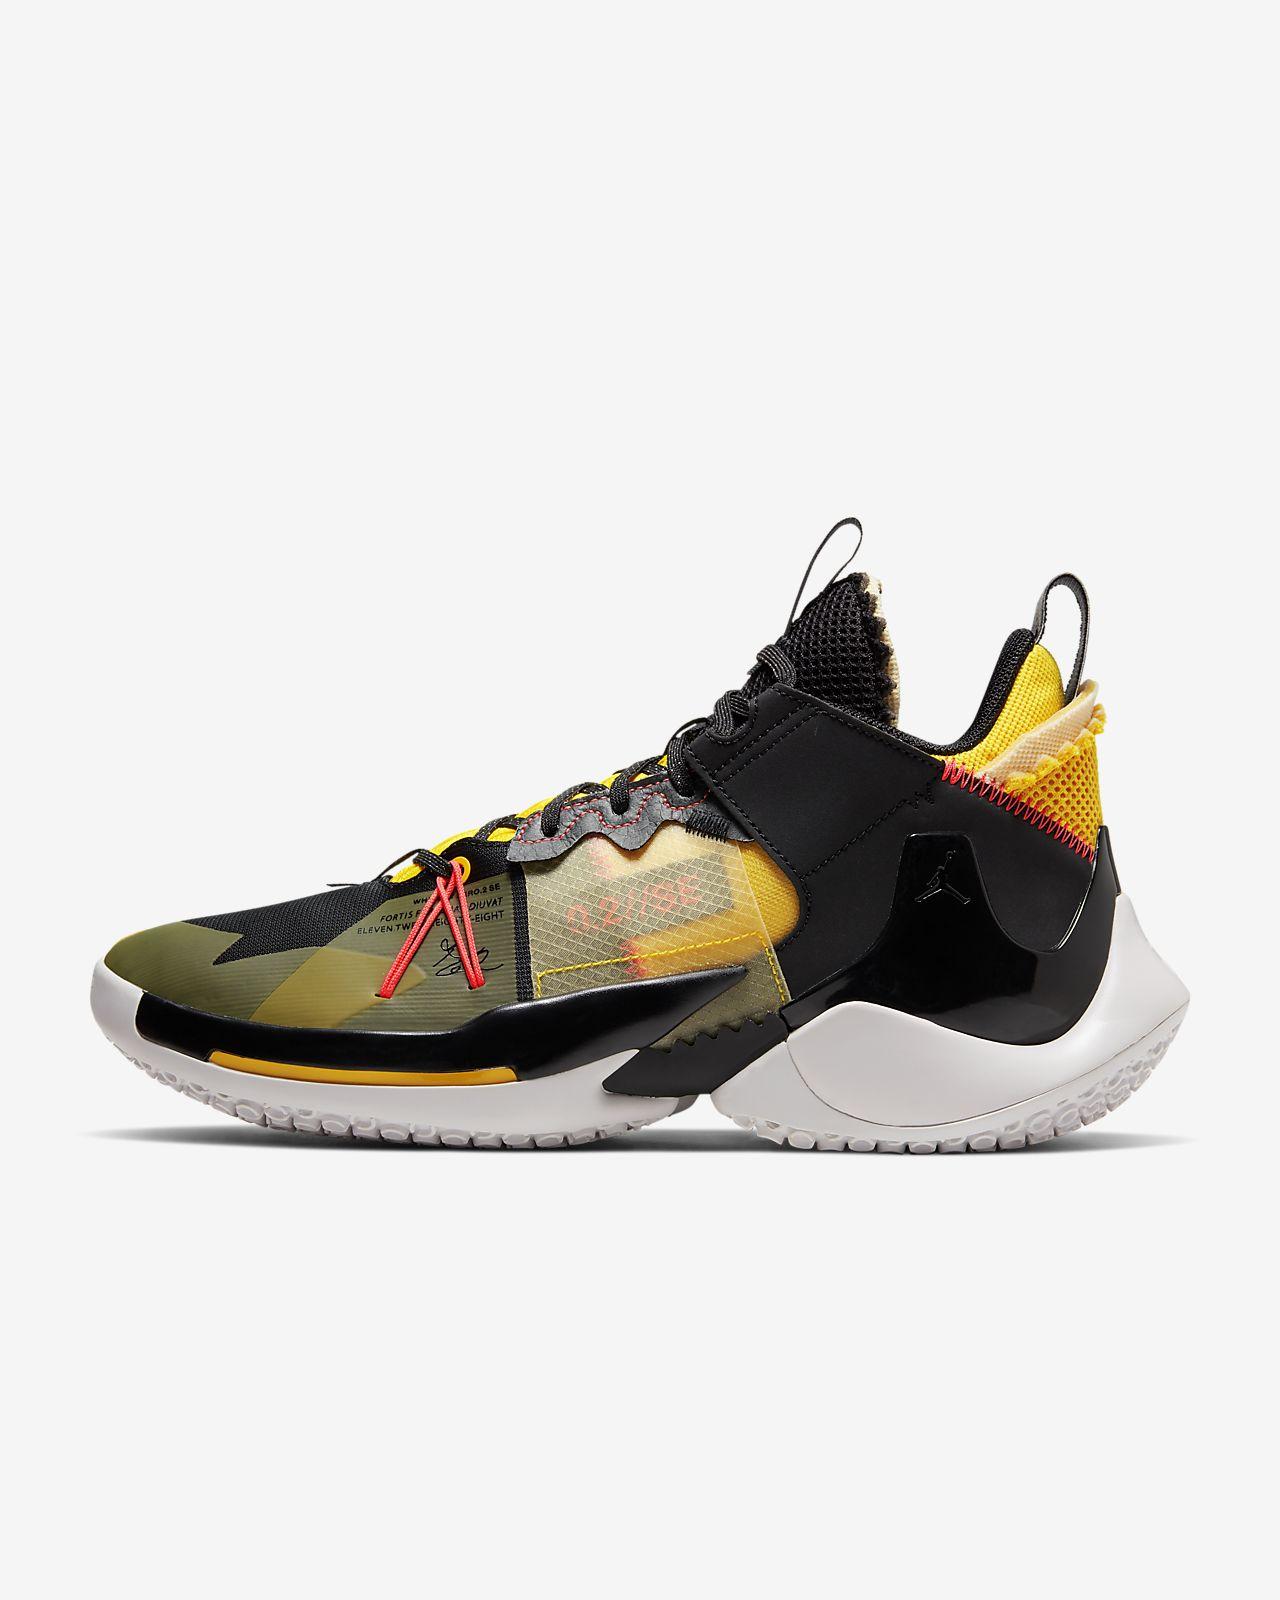 nike jordan mens shoes